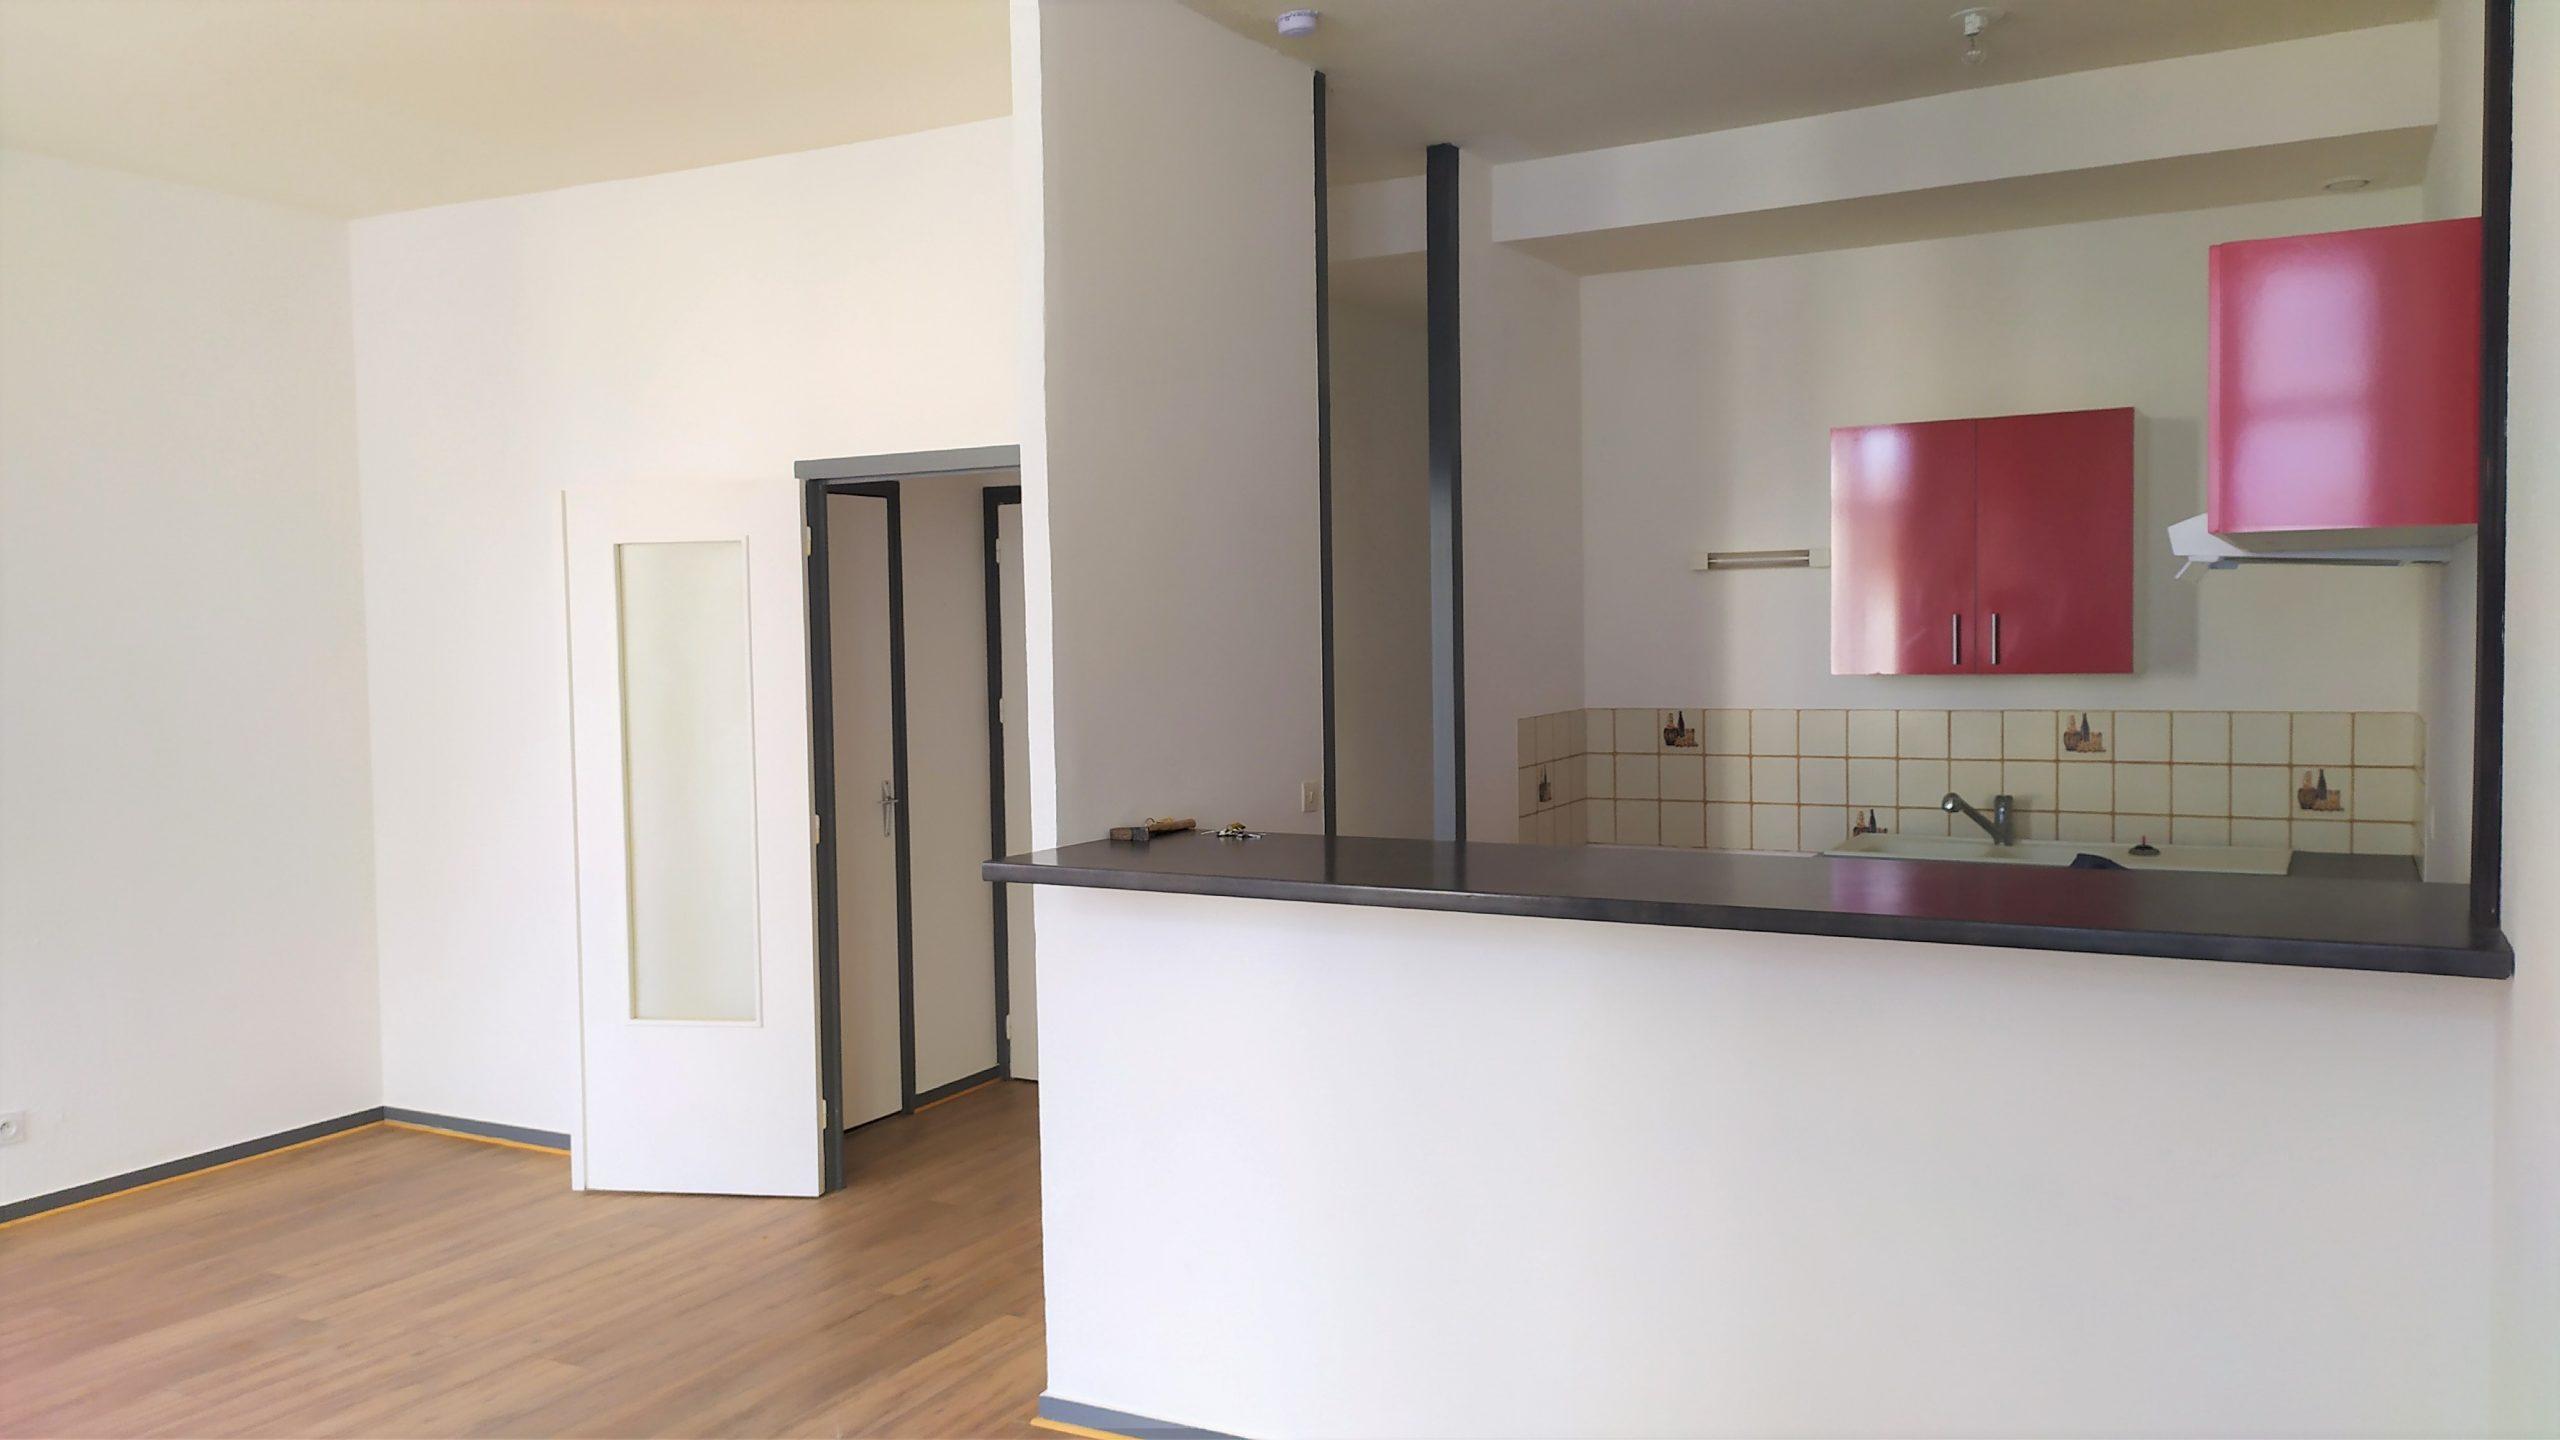 (Français) Appartement 2 chambres rénové – Rochefort